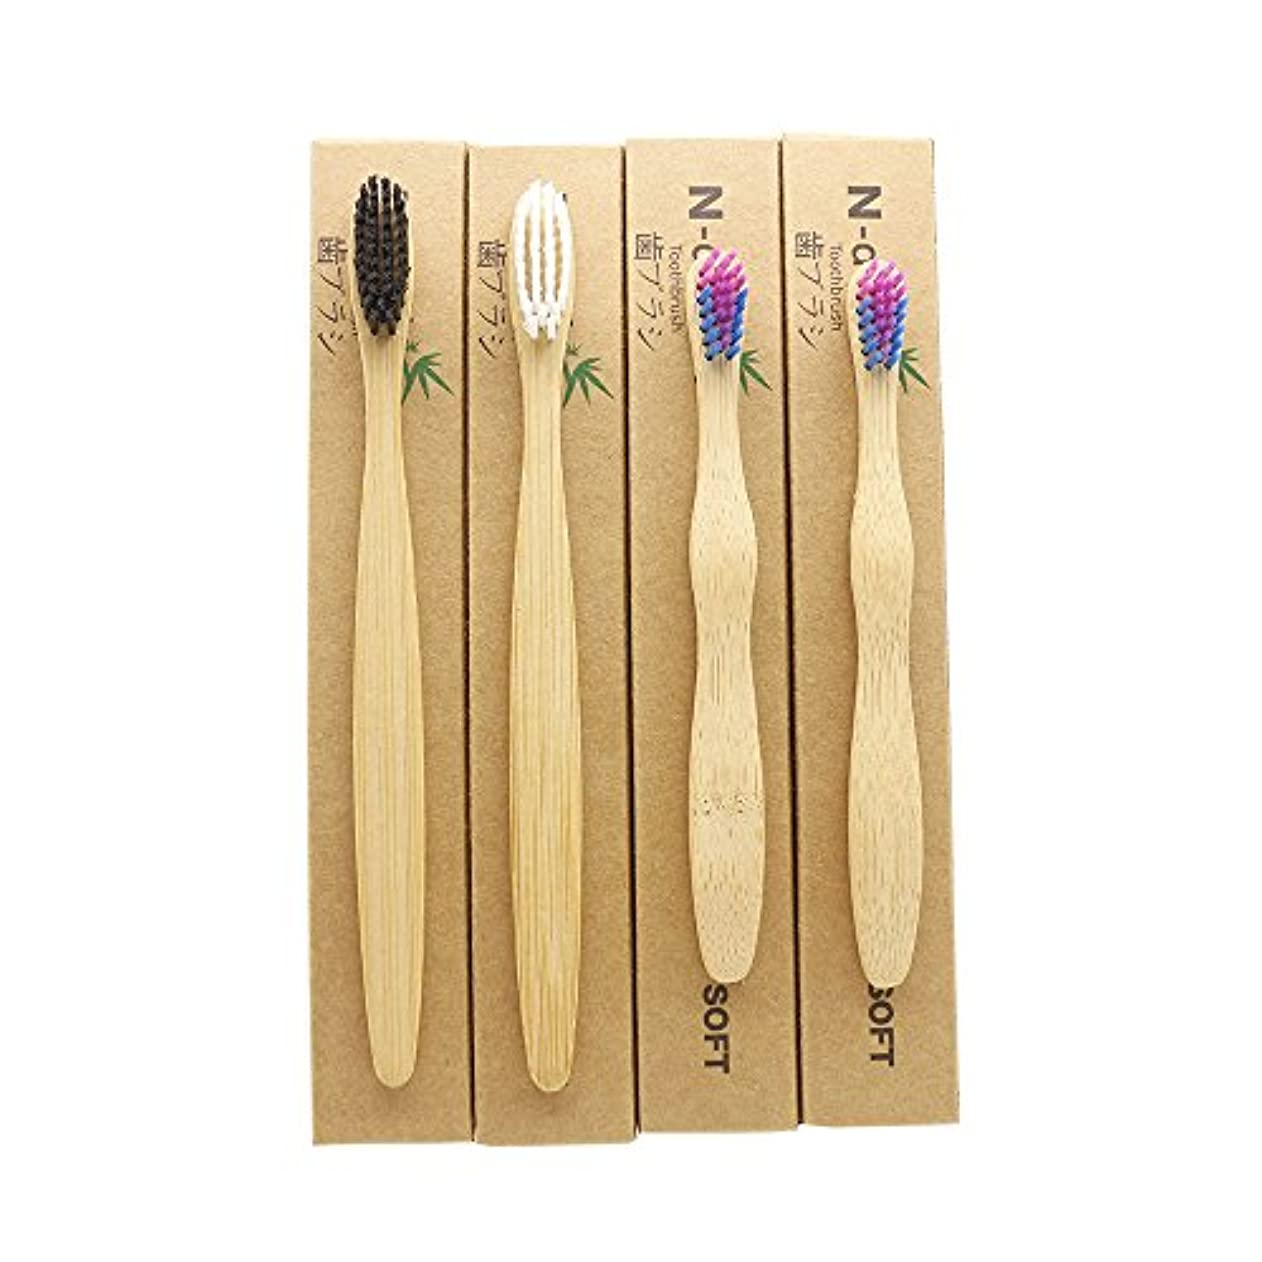 競争力のある広げるドラムN-amboo 竹製耐久度高い 歯ブラシ 親子セット エコ 4本入り 軽量